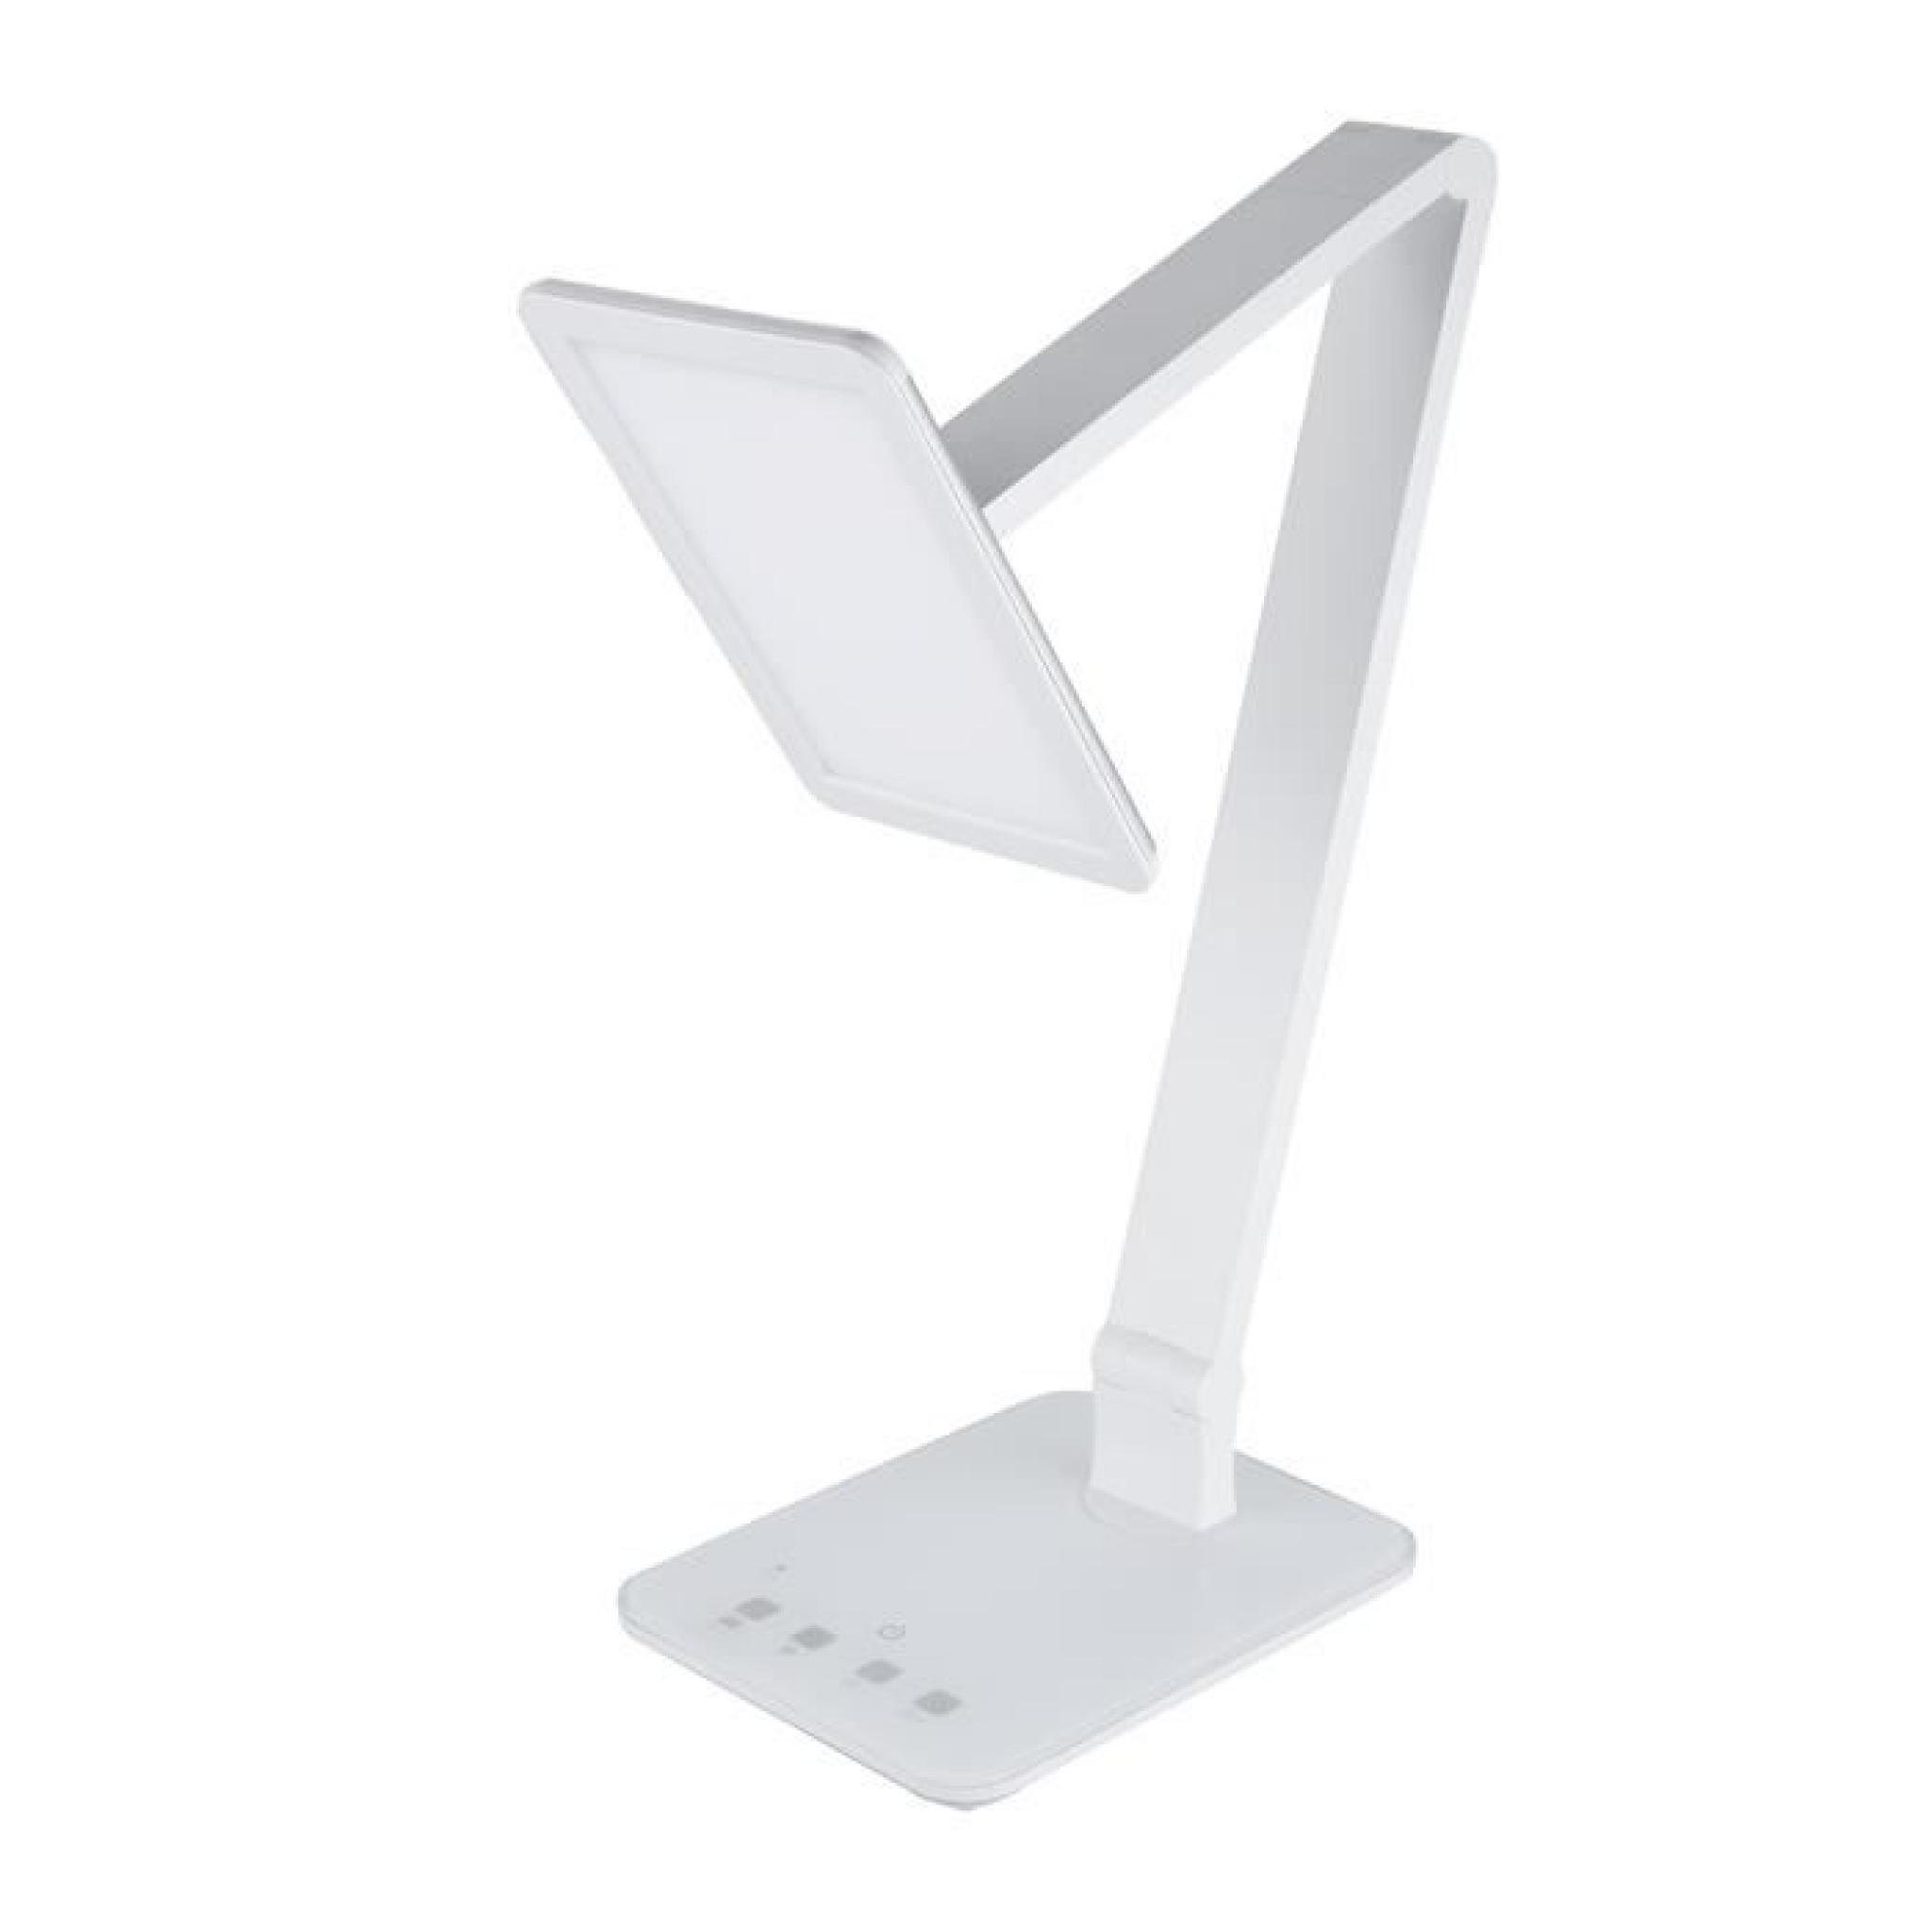 Led Table Bureau Tactile Usb Floureon Lampe Blanc De Recharge Contrôles DHYW9I2E